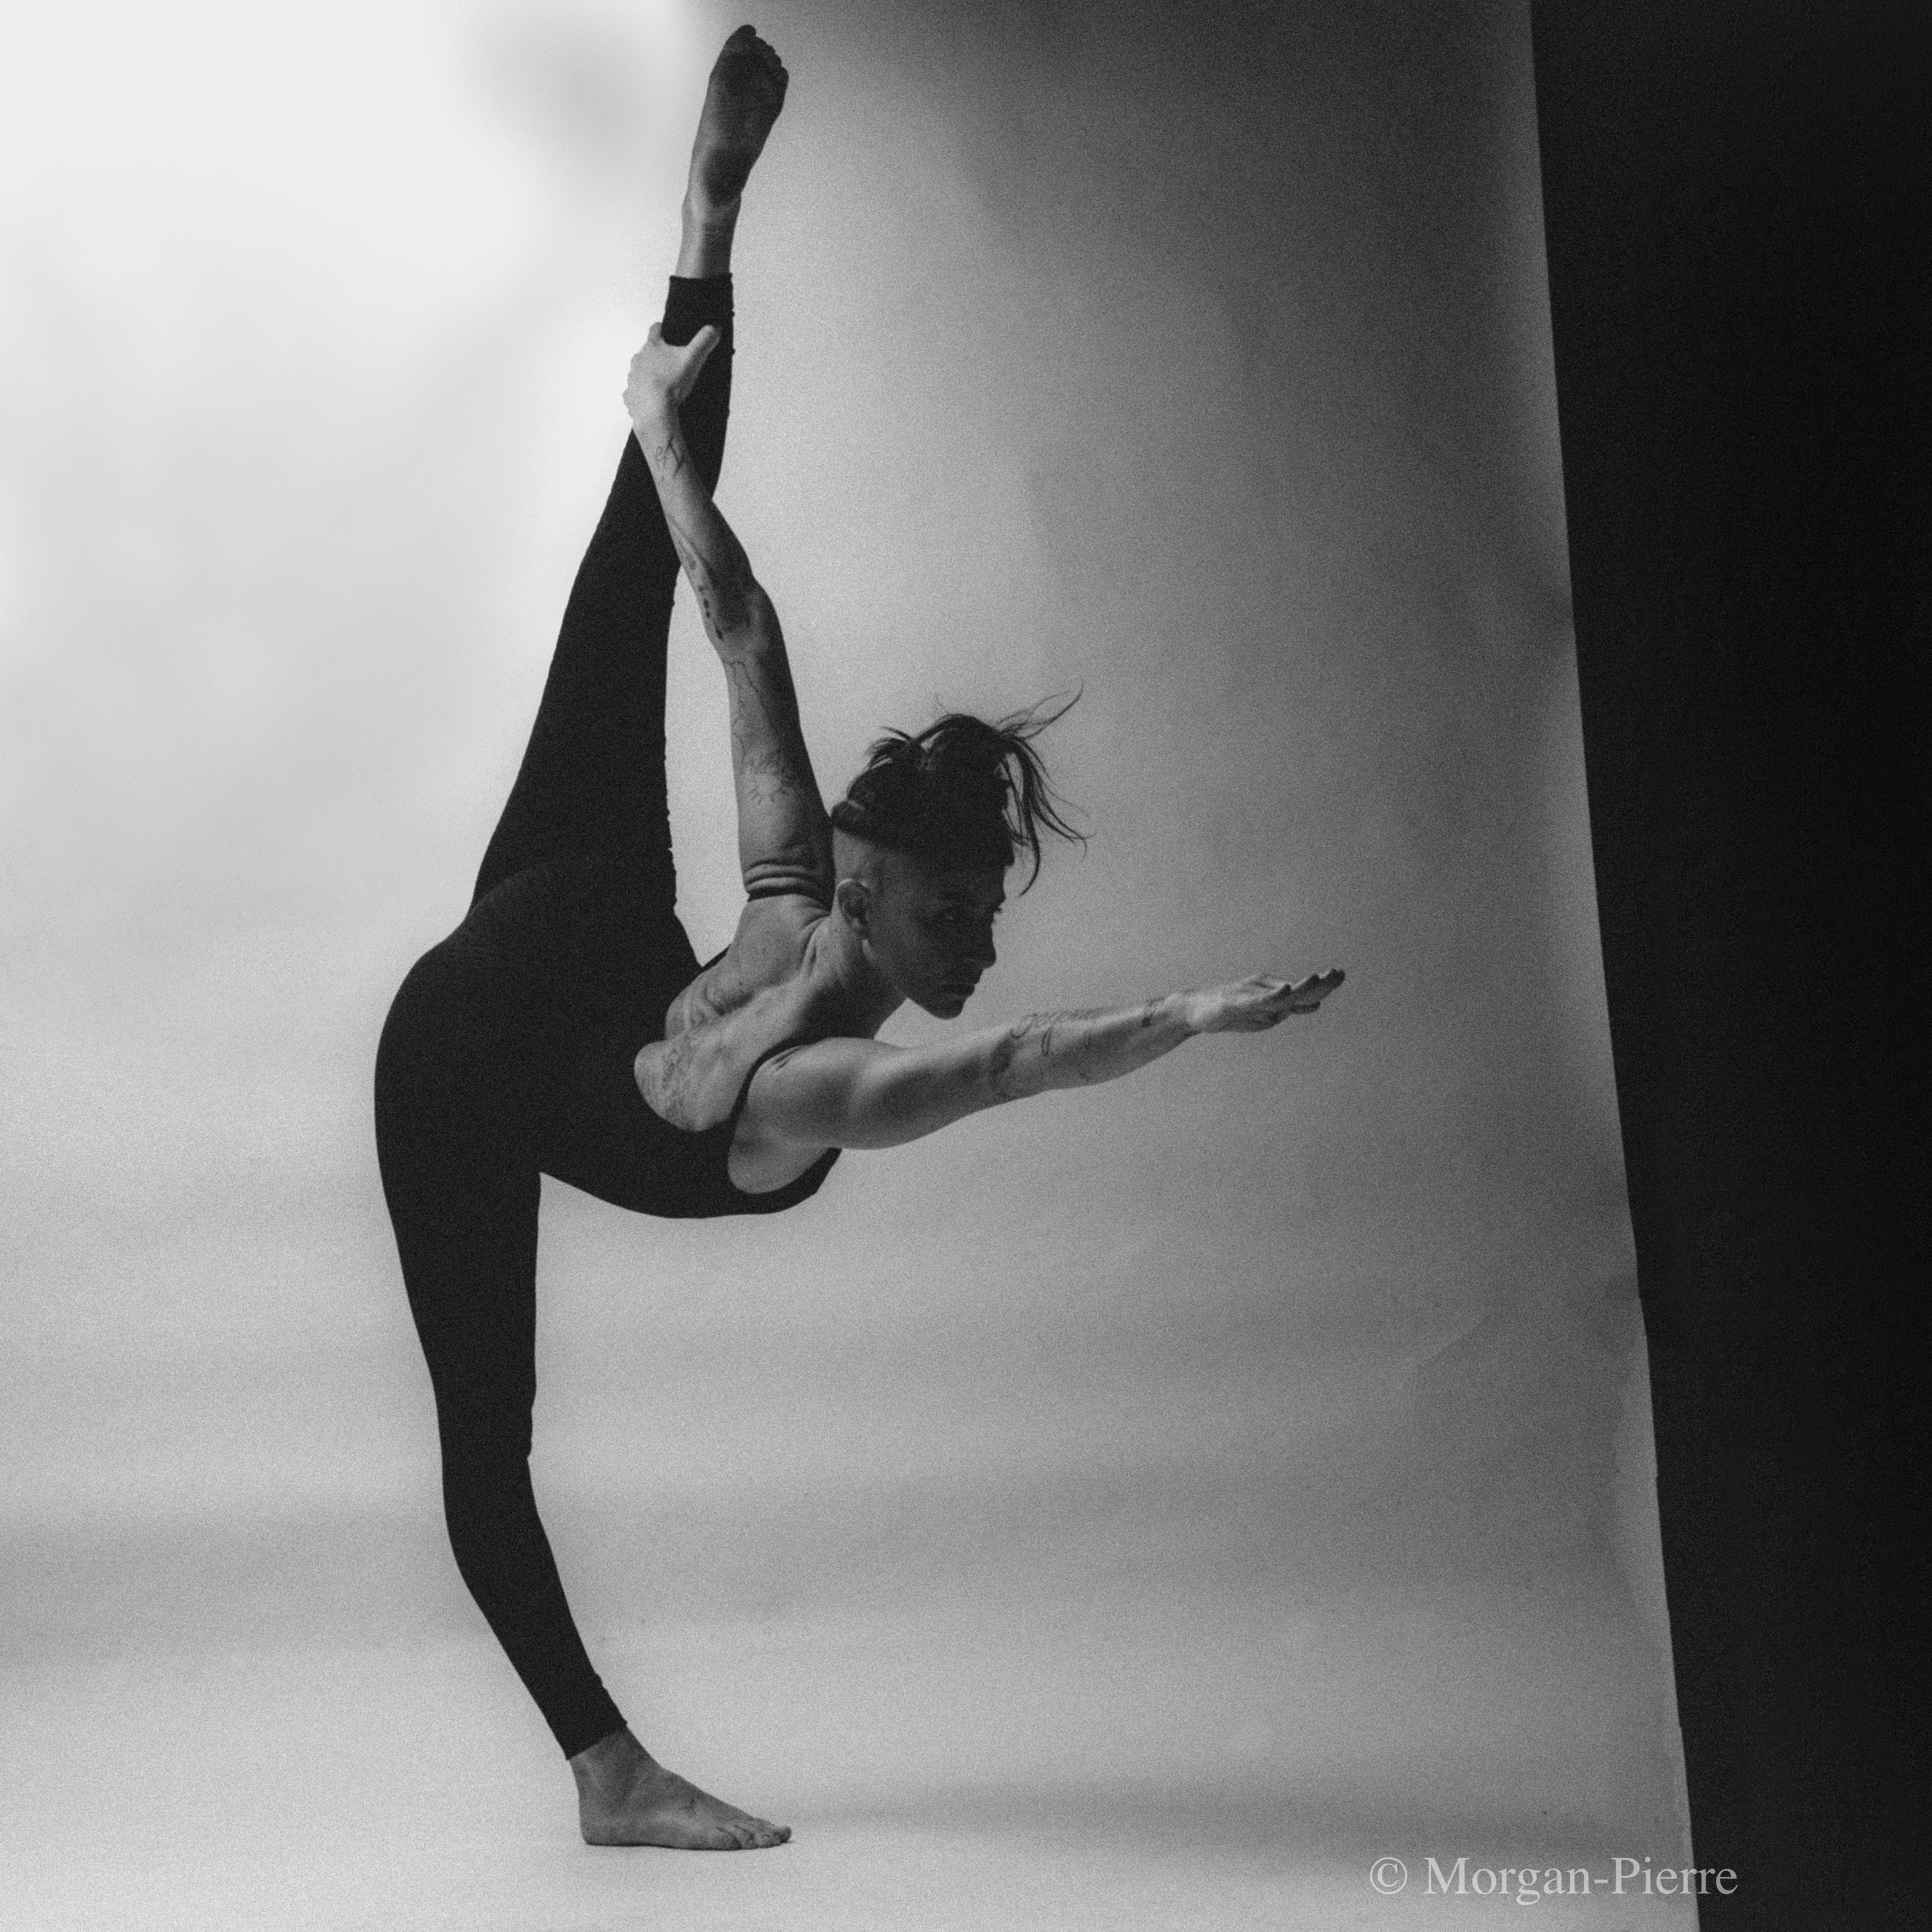 image of Tamara Levinson